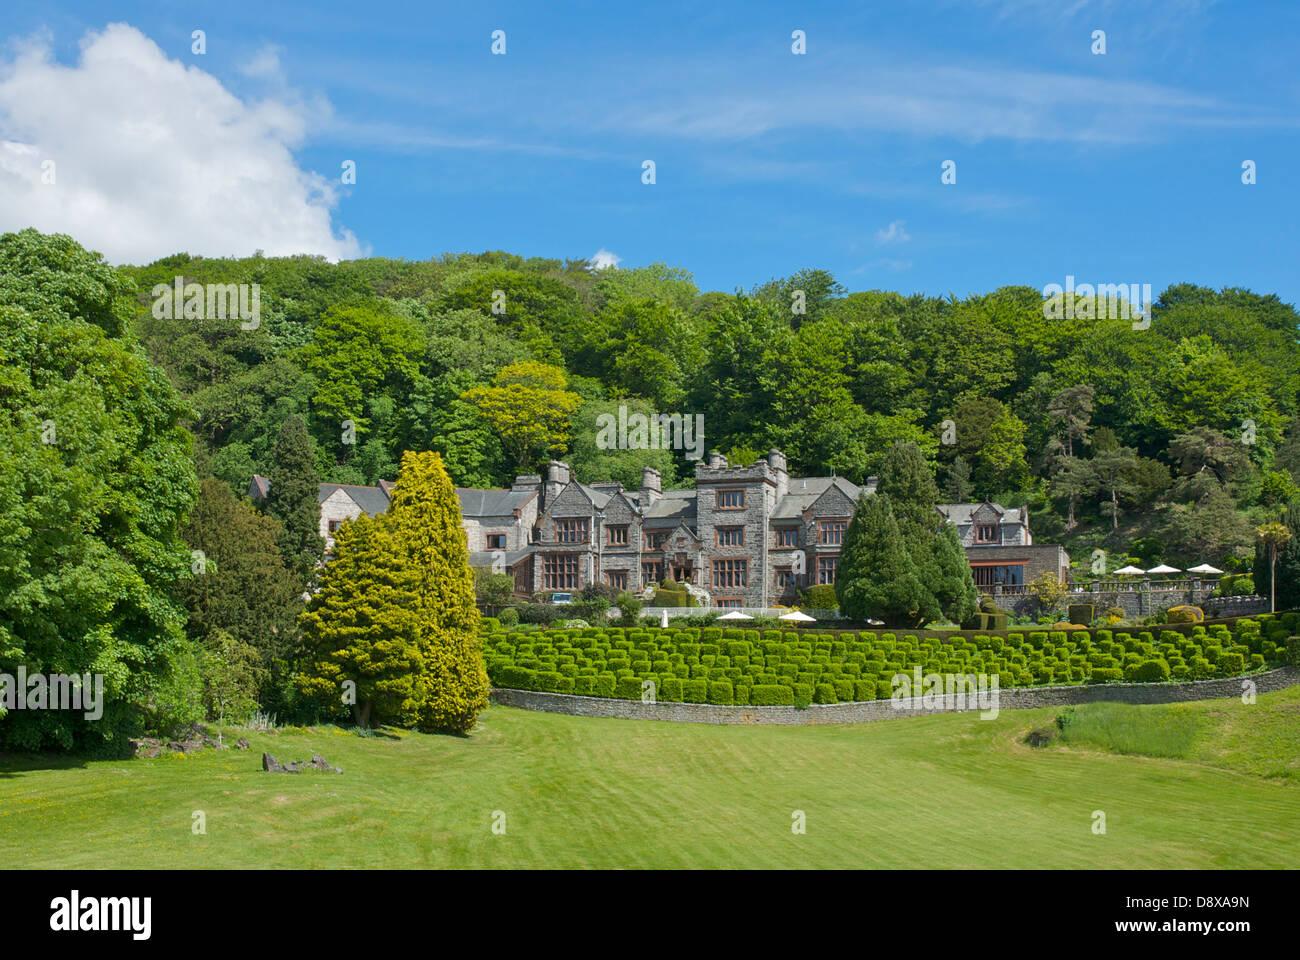 The Netherwood Hotel, Grange-over-Sands, Cumbria, England UK - Stock Image